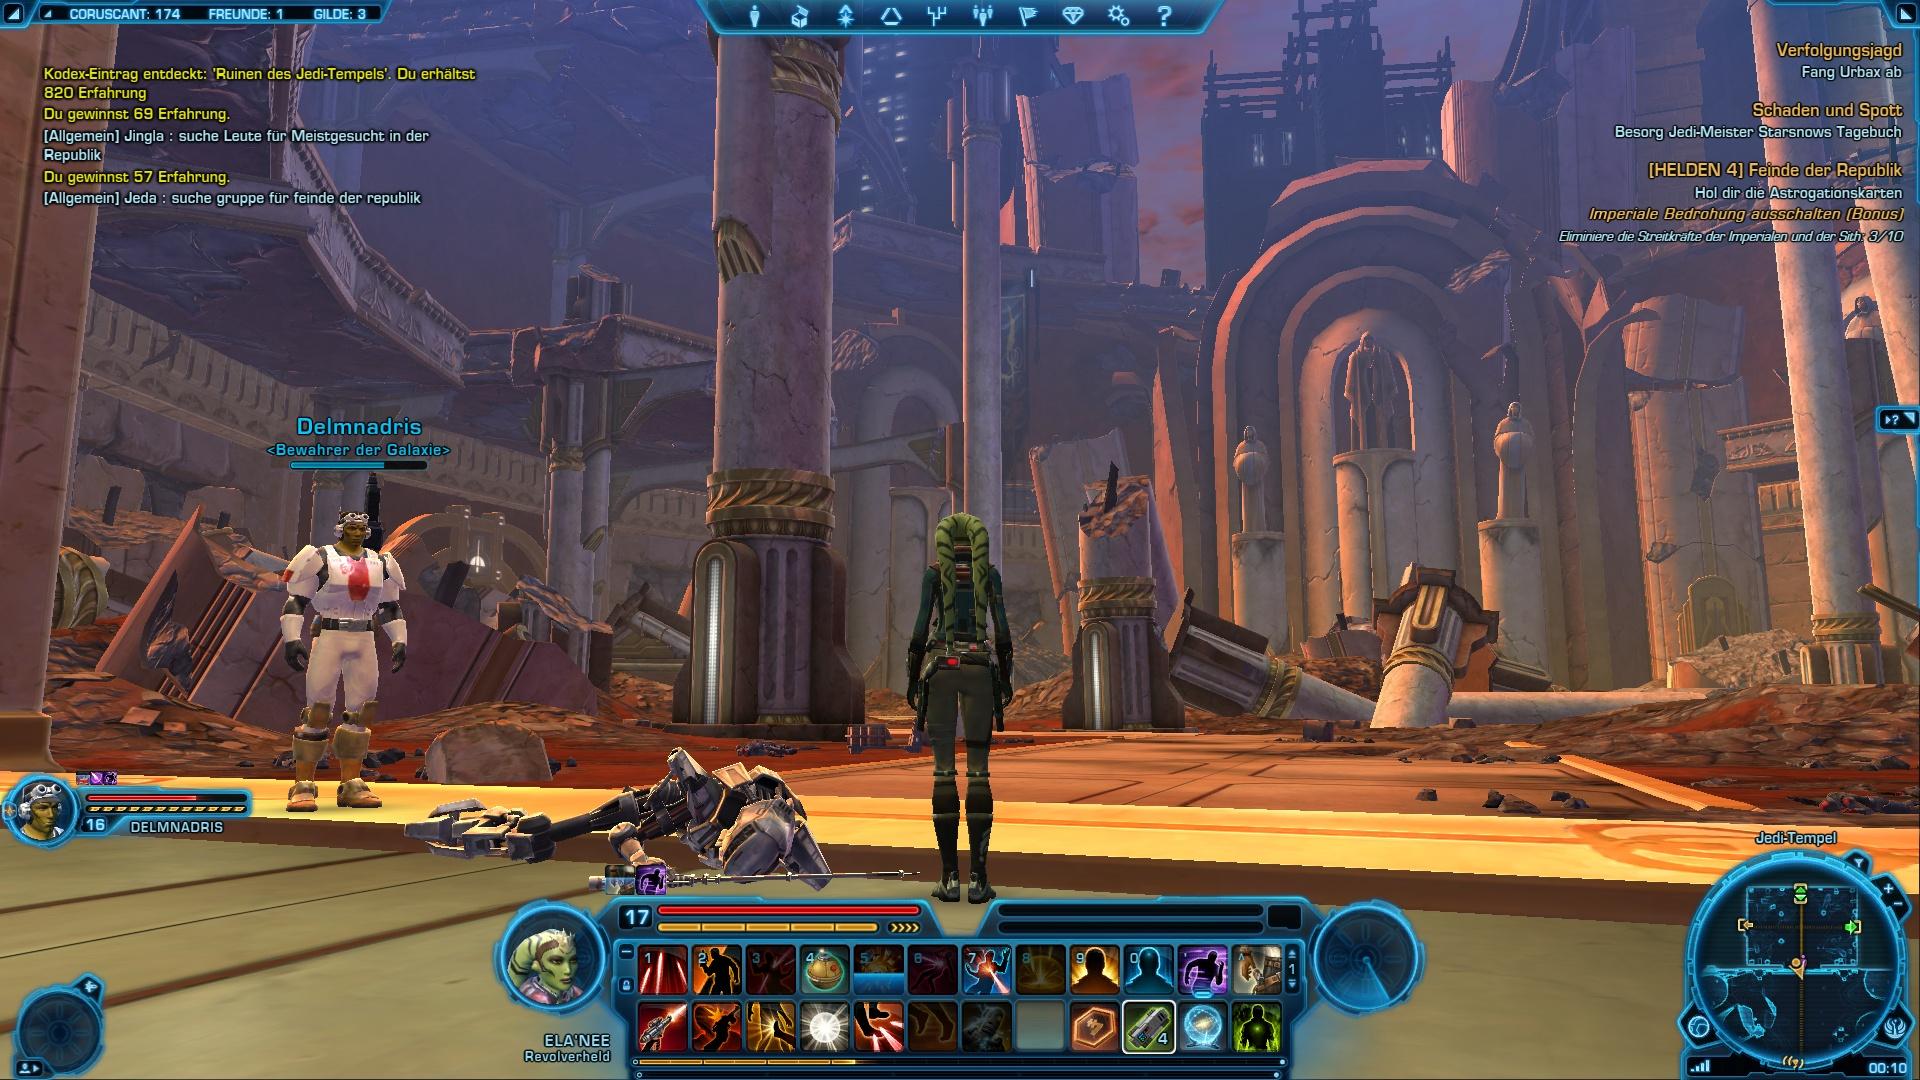 screenshot_2011-12-18940ic.jpg